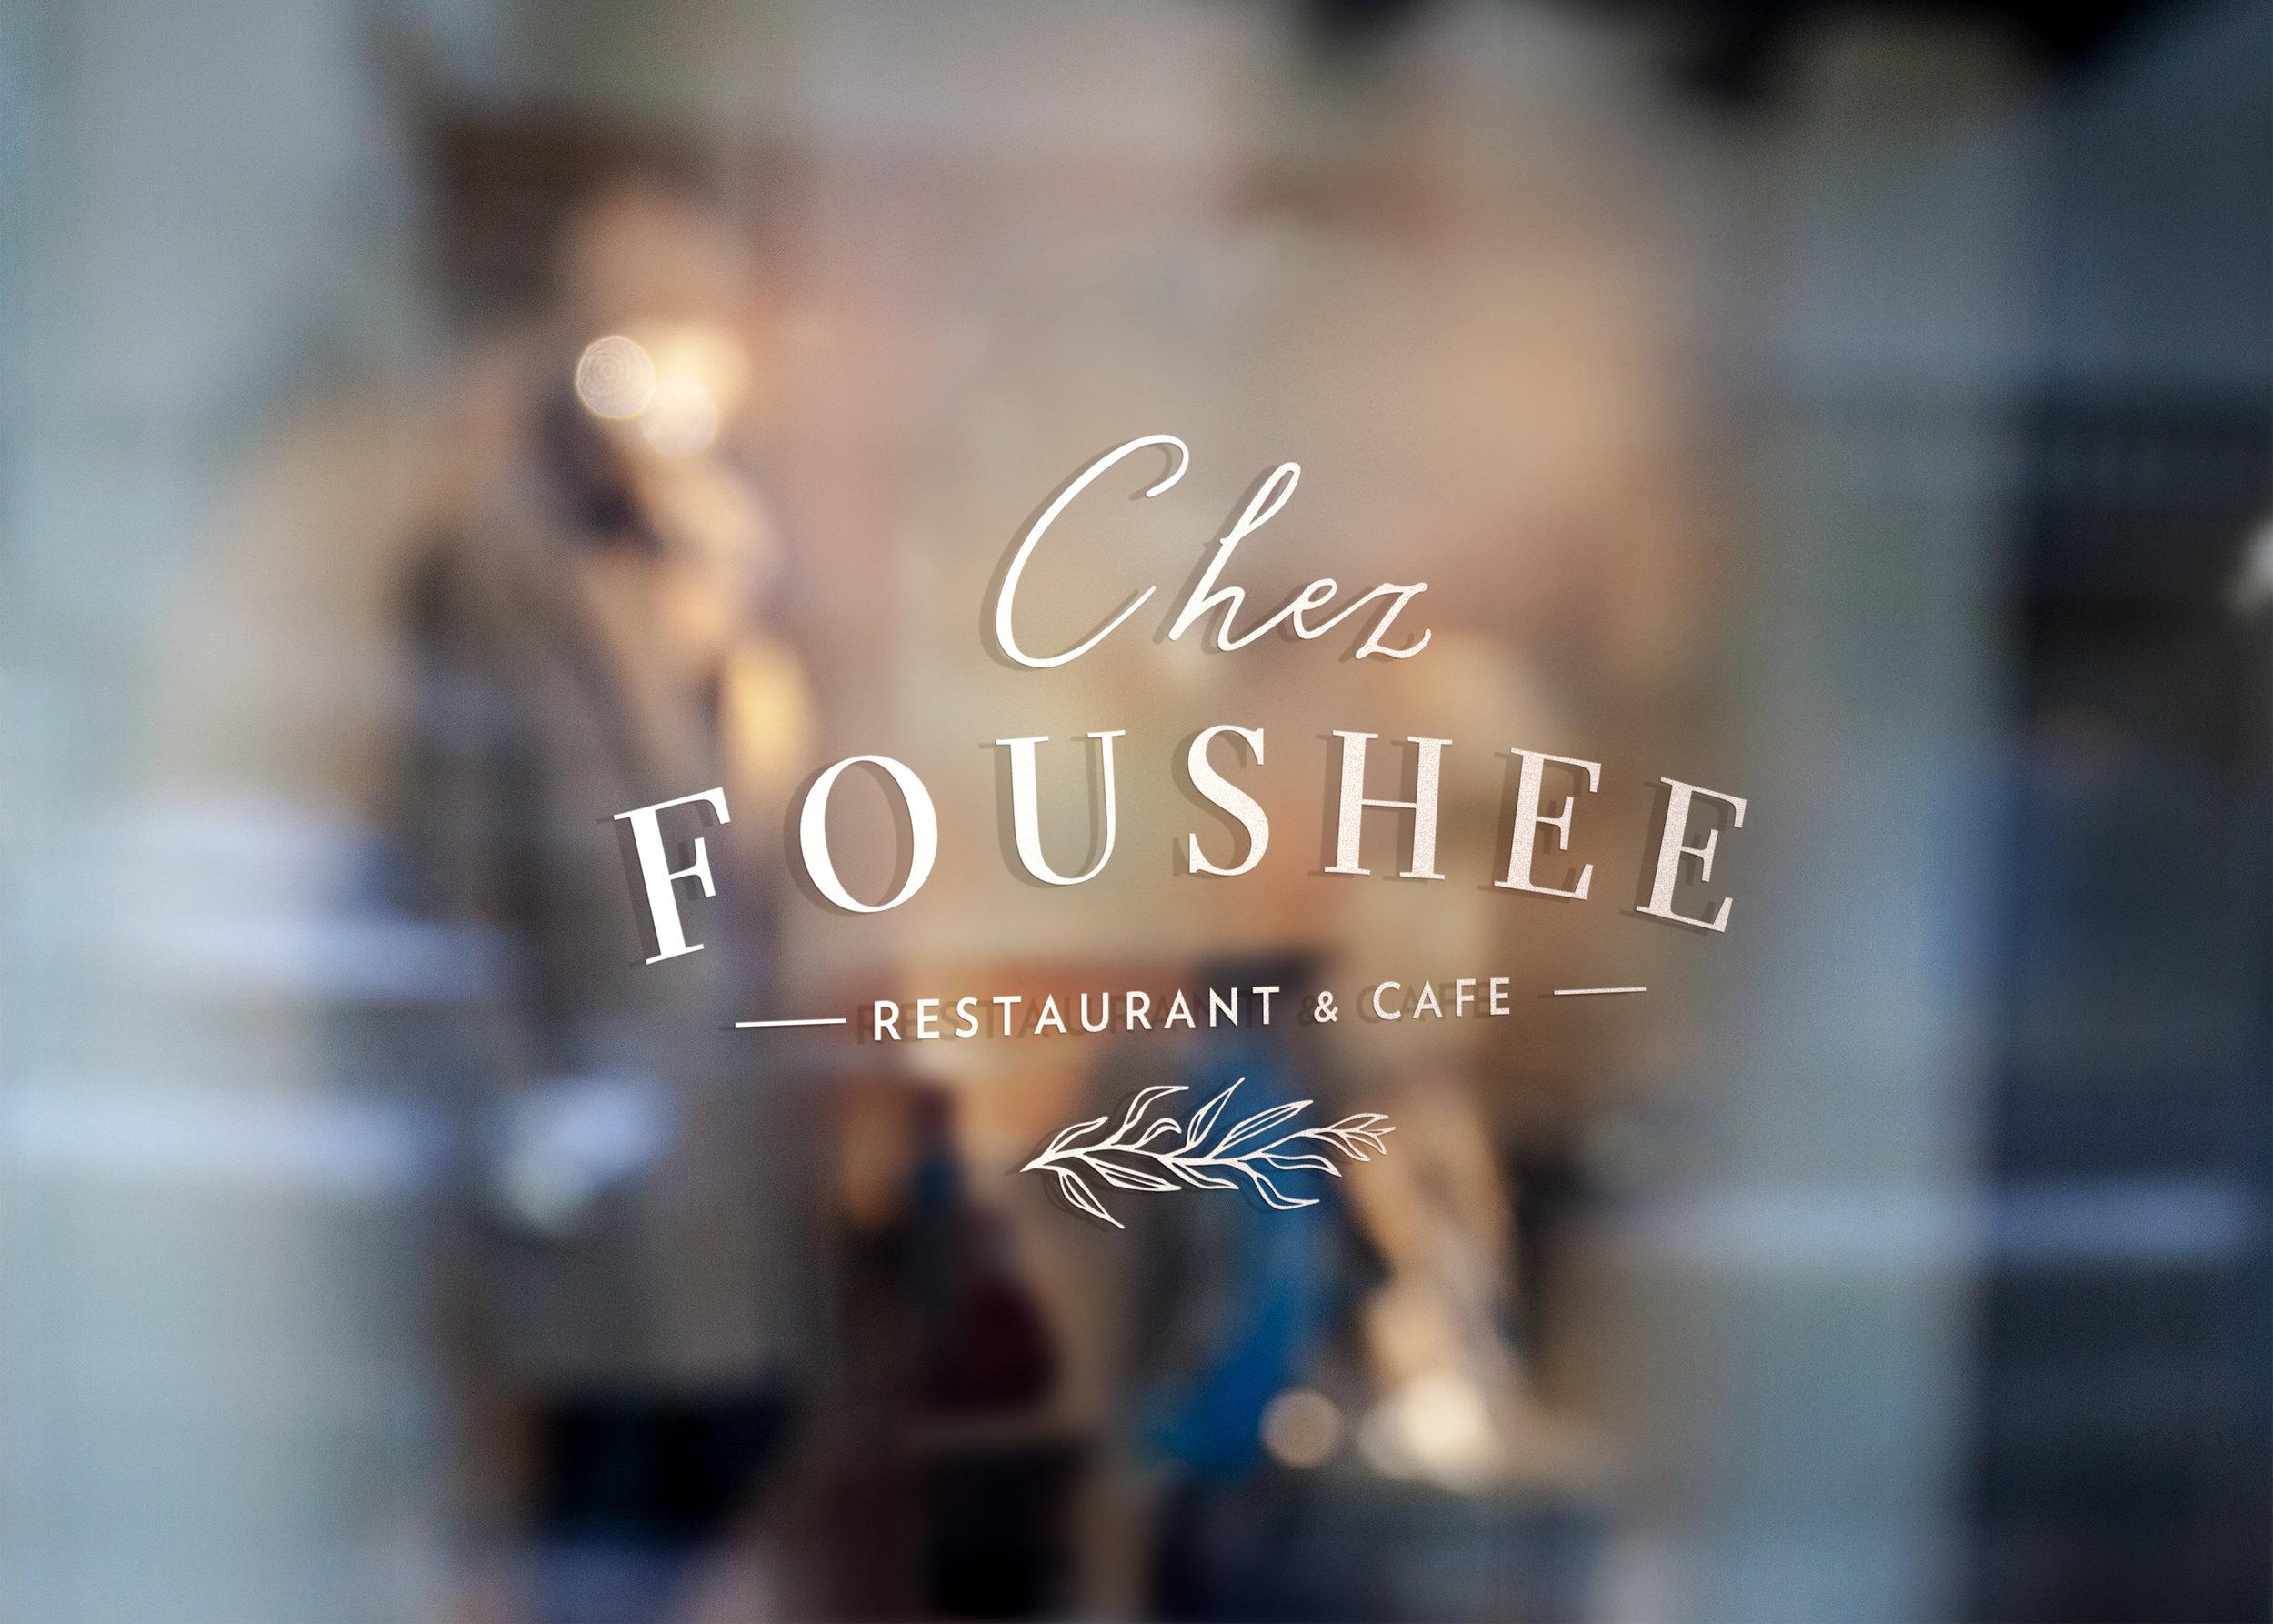 Chez+Foushee+sign_1.jpg